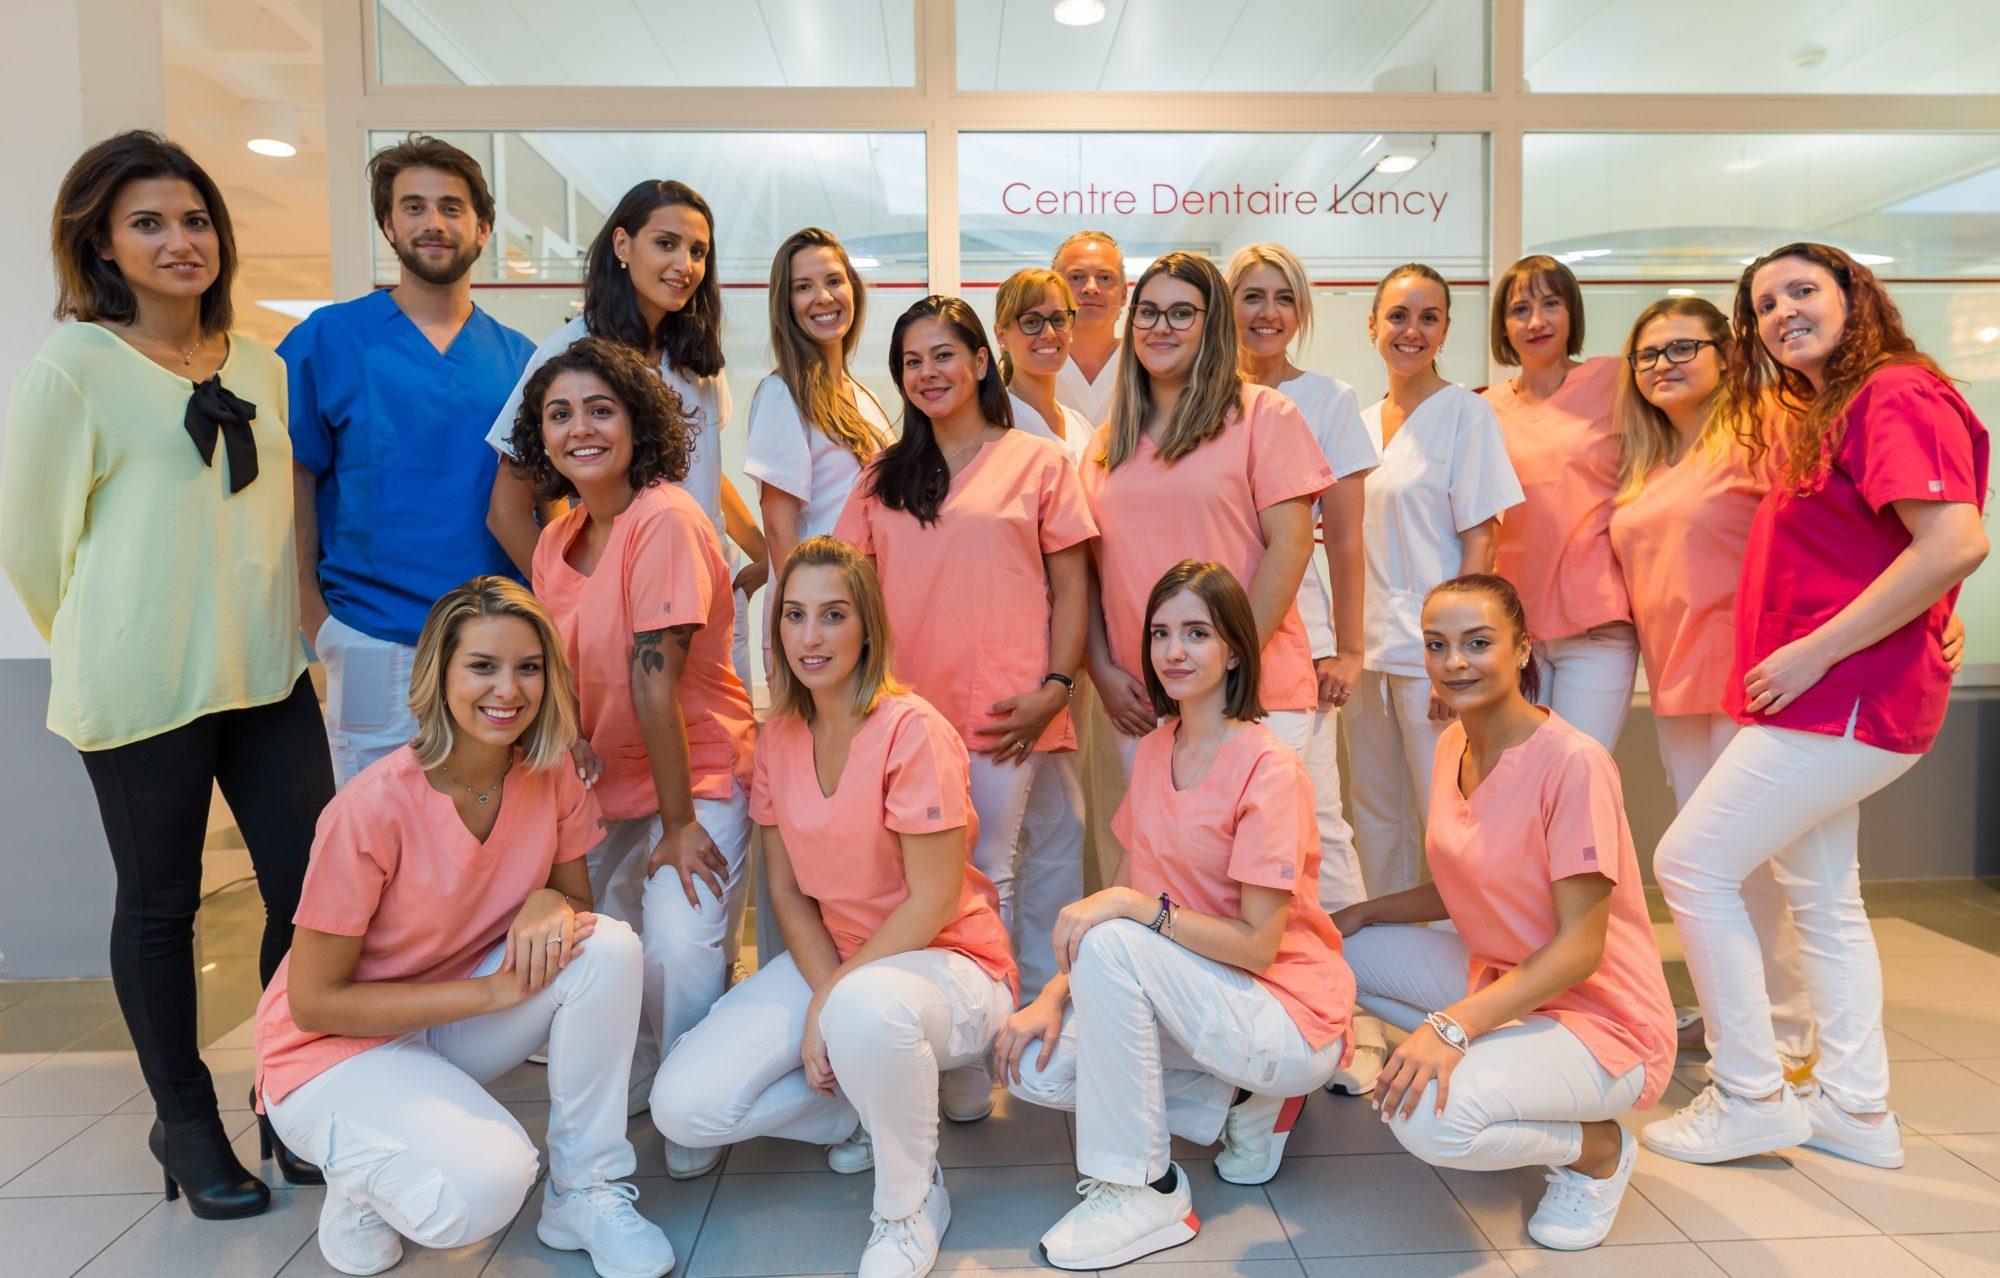 Centre dentaire Lancy à Genève - Photo de l'équipe-offre d'emploi